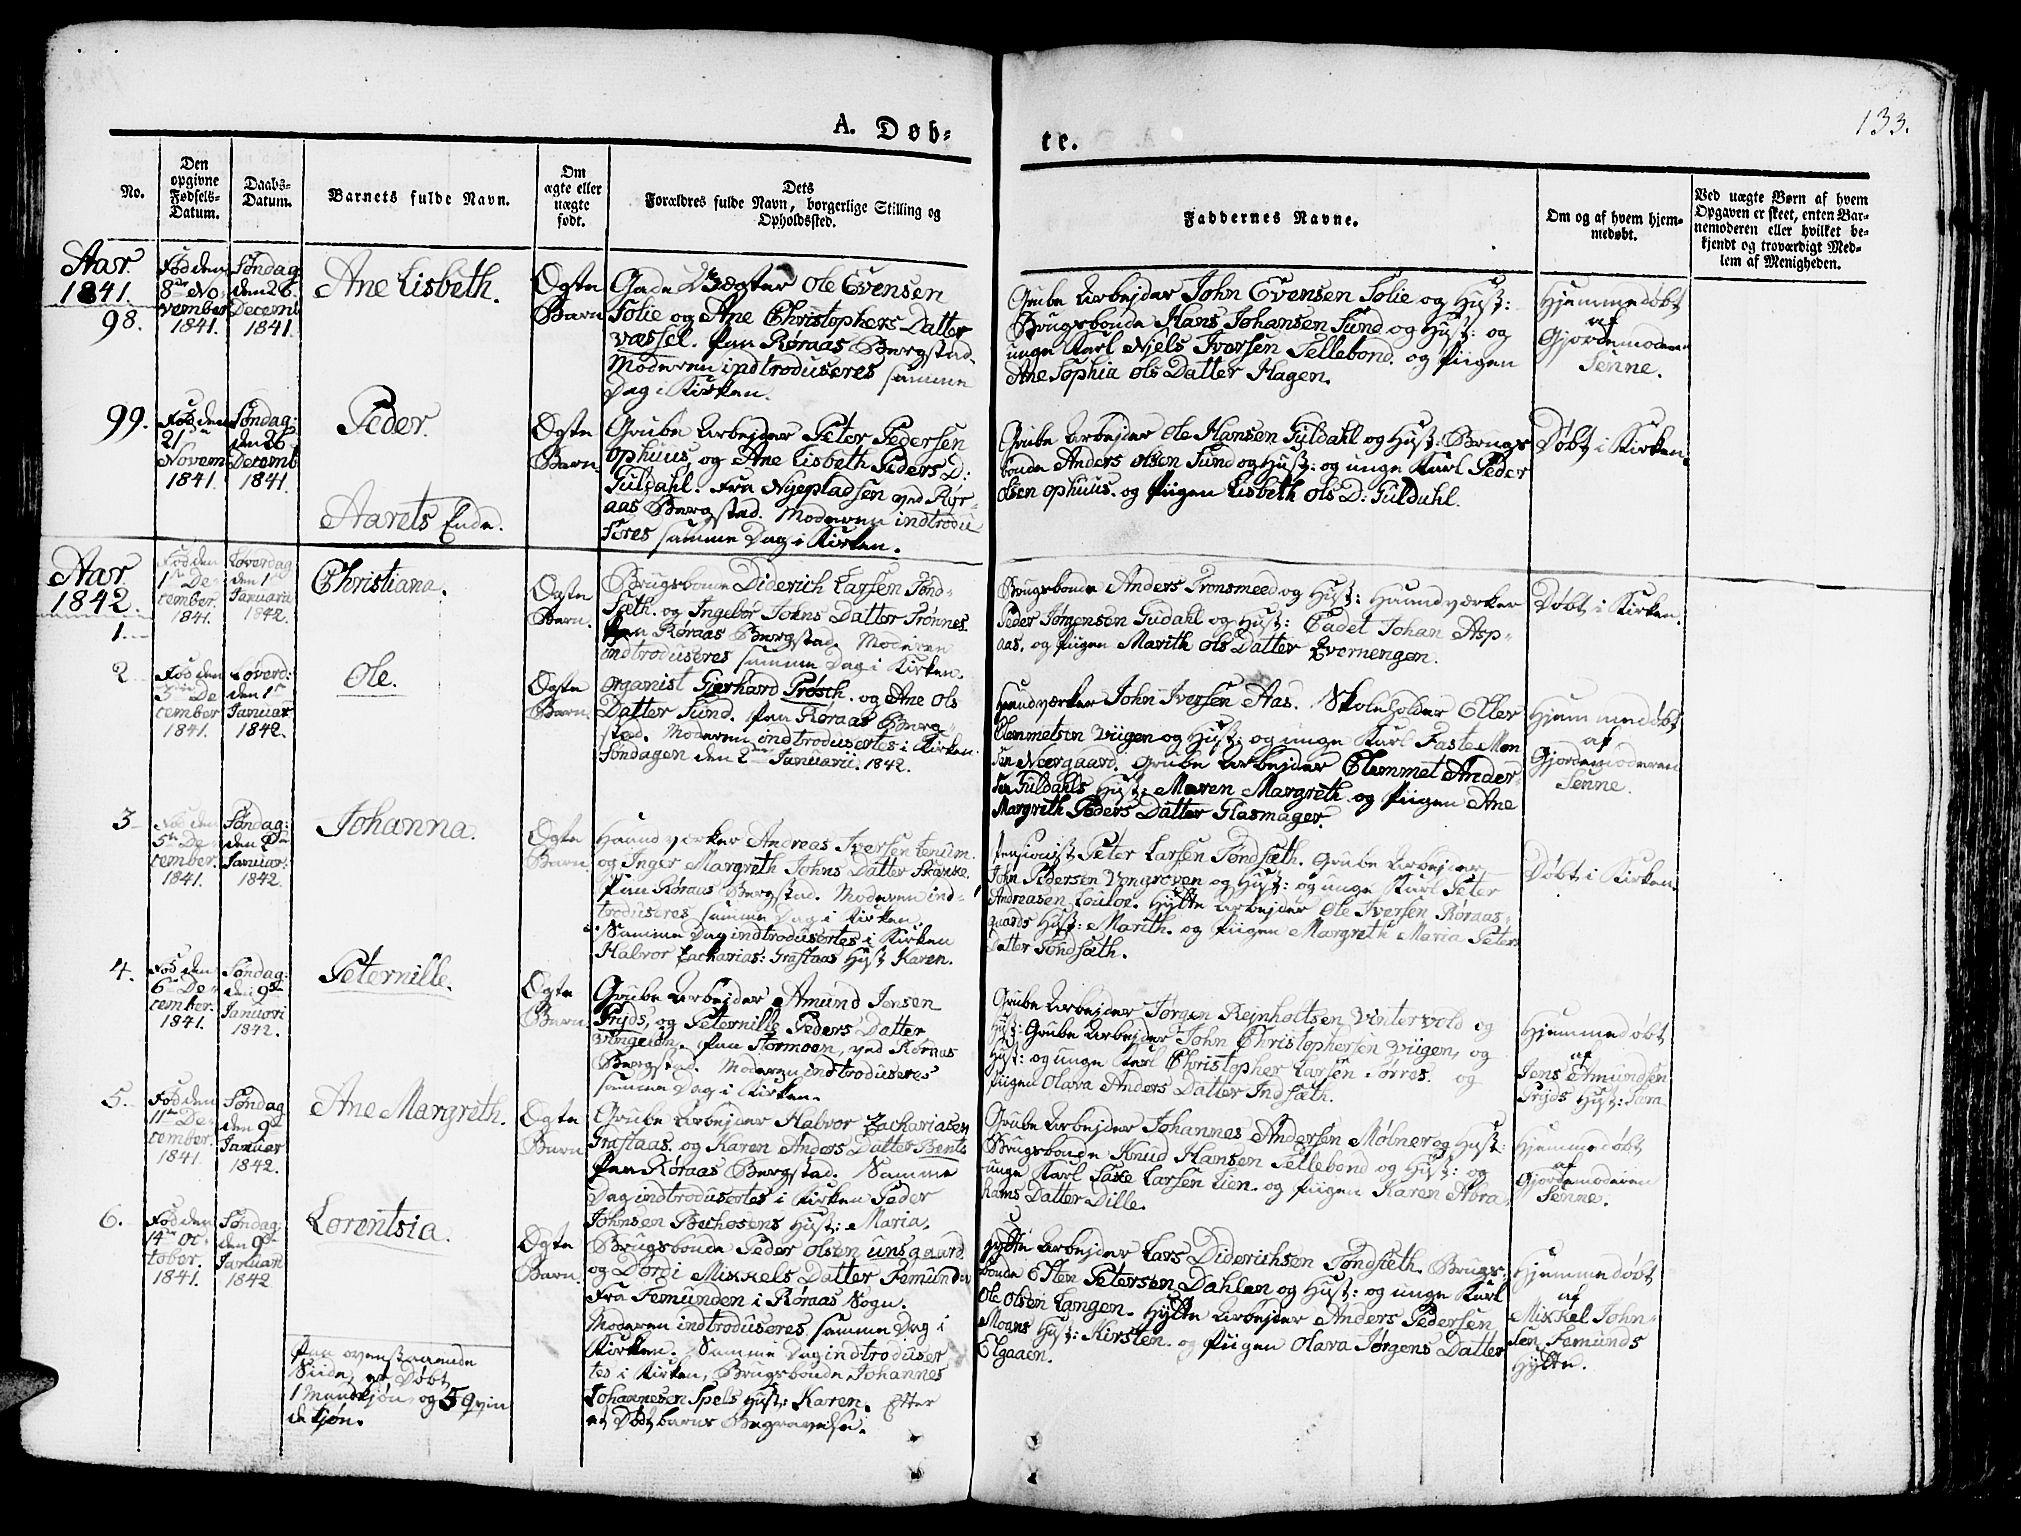 SAT, Ministerialprotokoller, klokkerbøker og fødselsregistre - Sør-Trøndelag, 681/L0938: Klokkerbok nr. 681C02, 1829-1879, s. 133